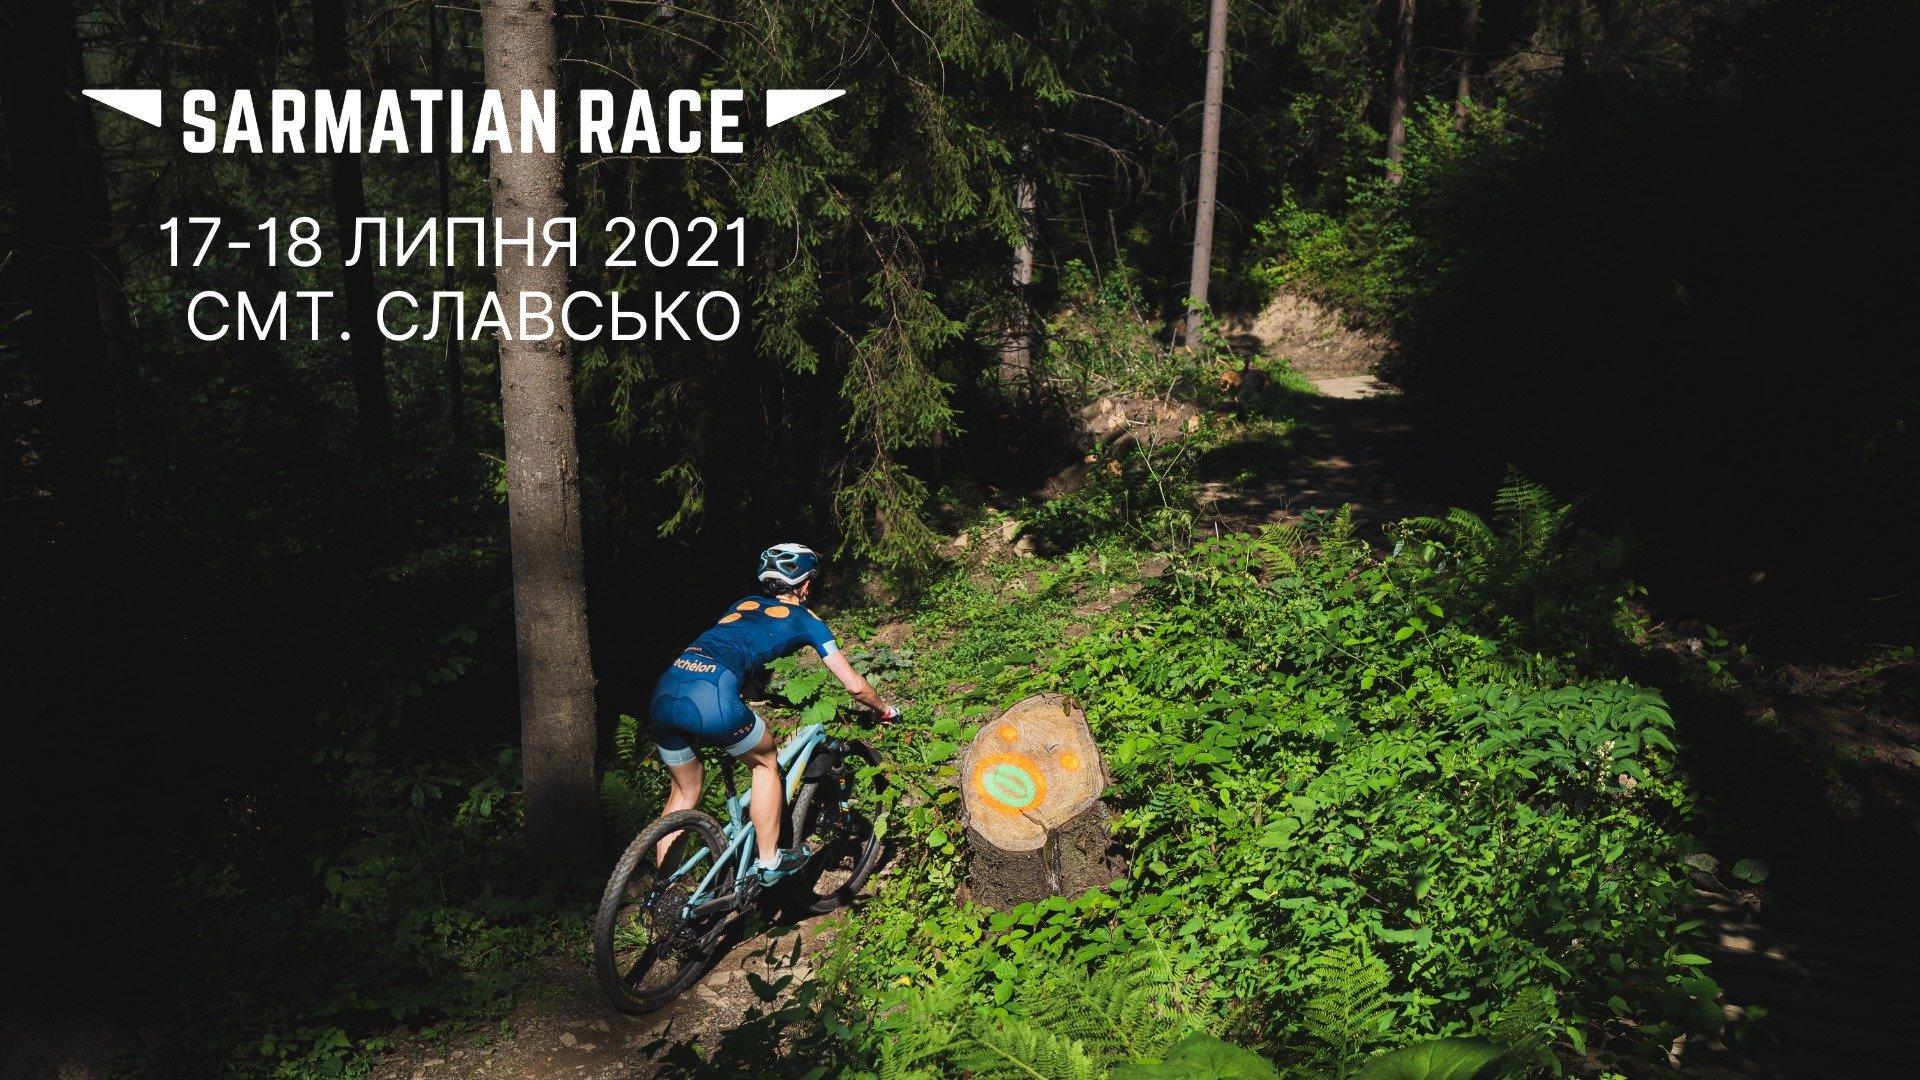 Сбор в Славско (подготовка к Sarmatian Race 2021)